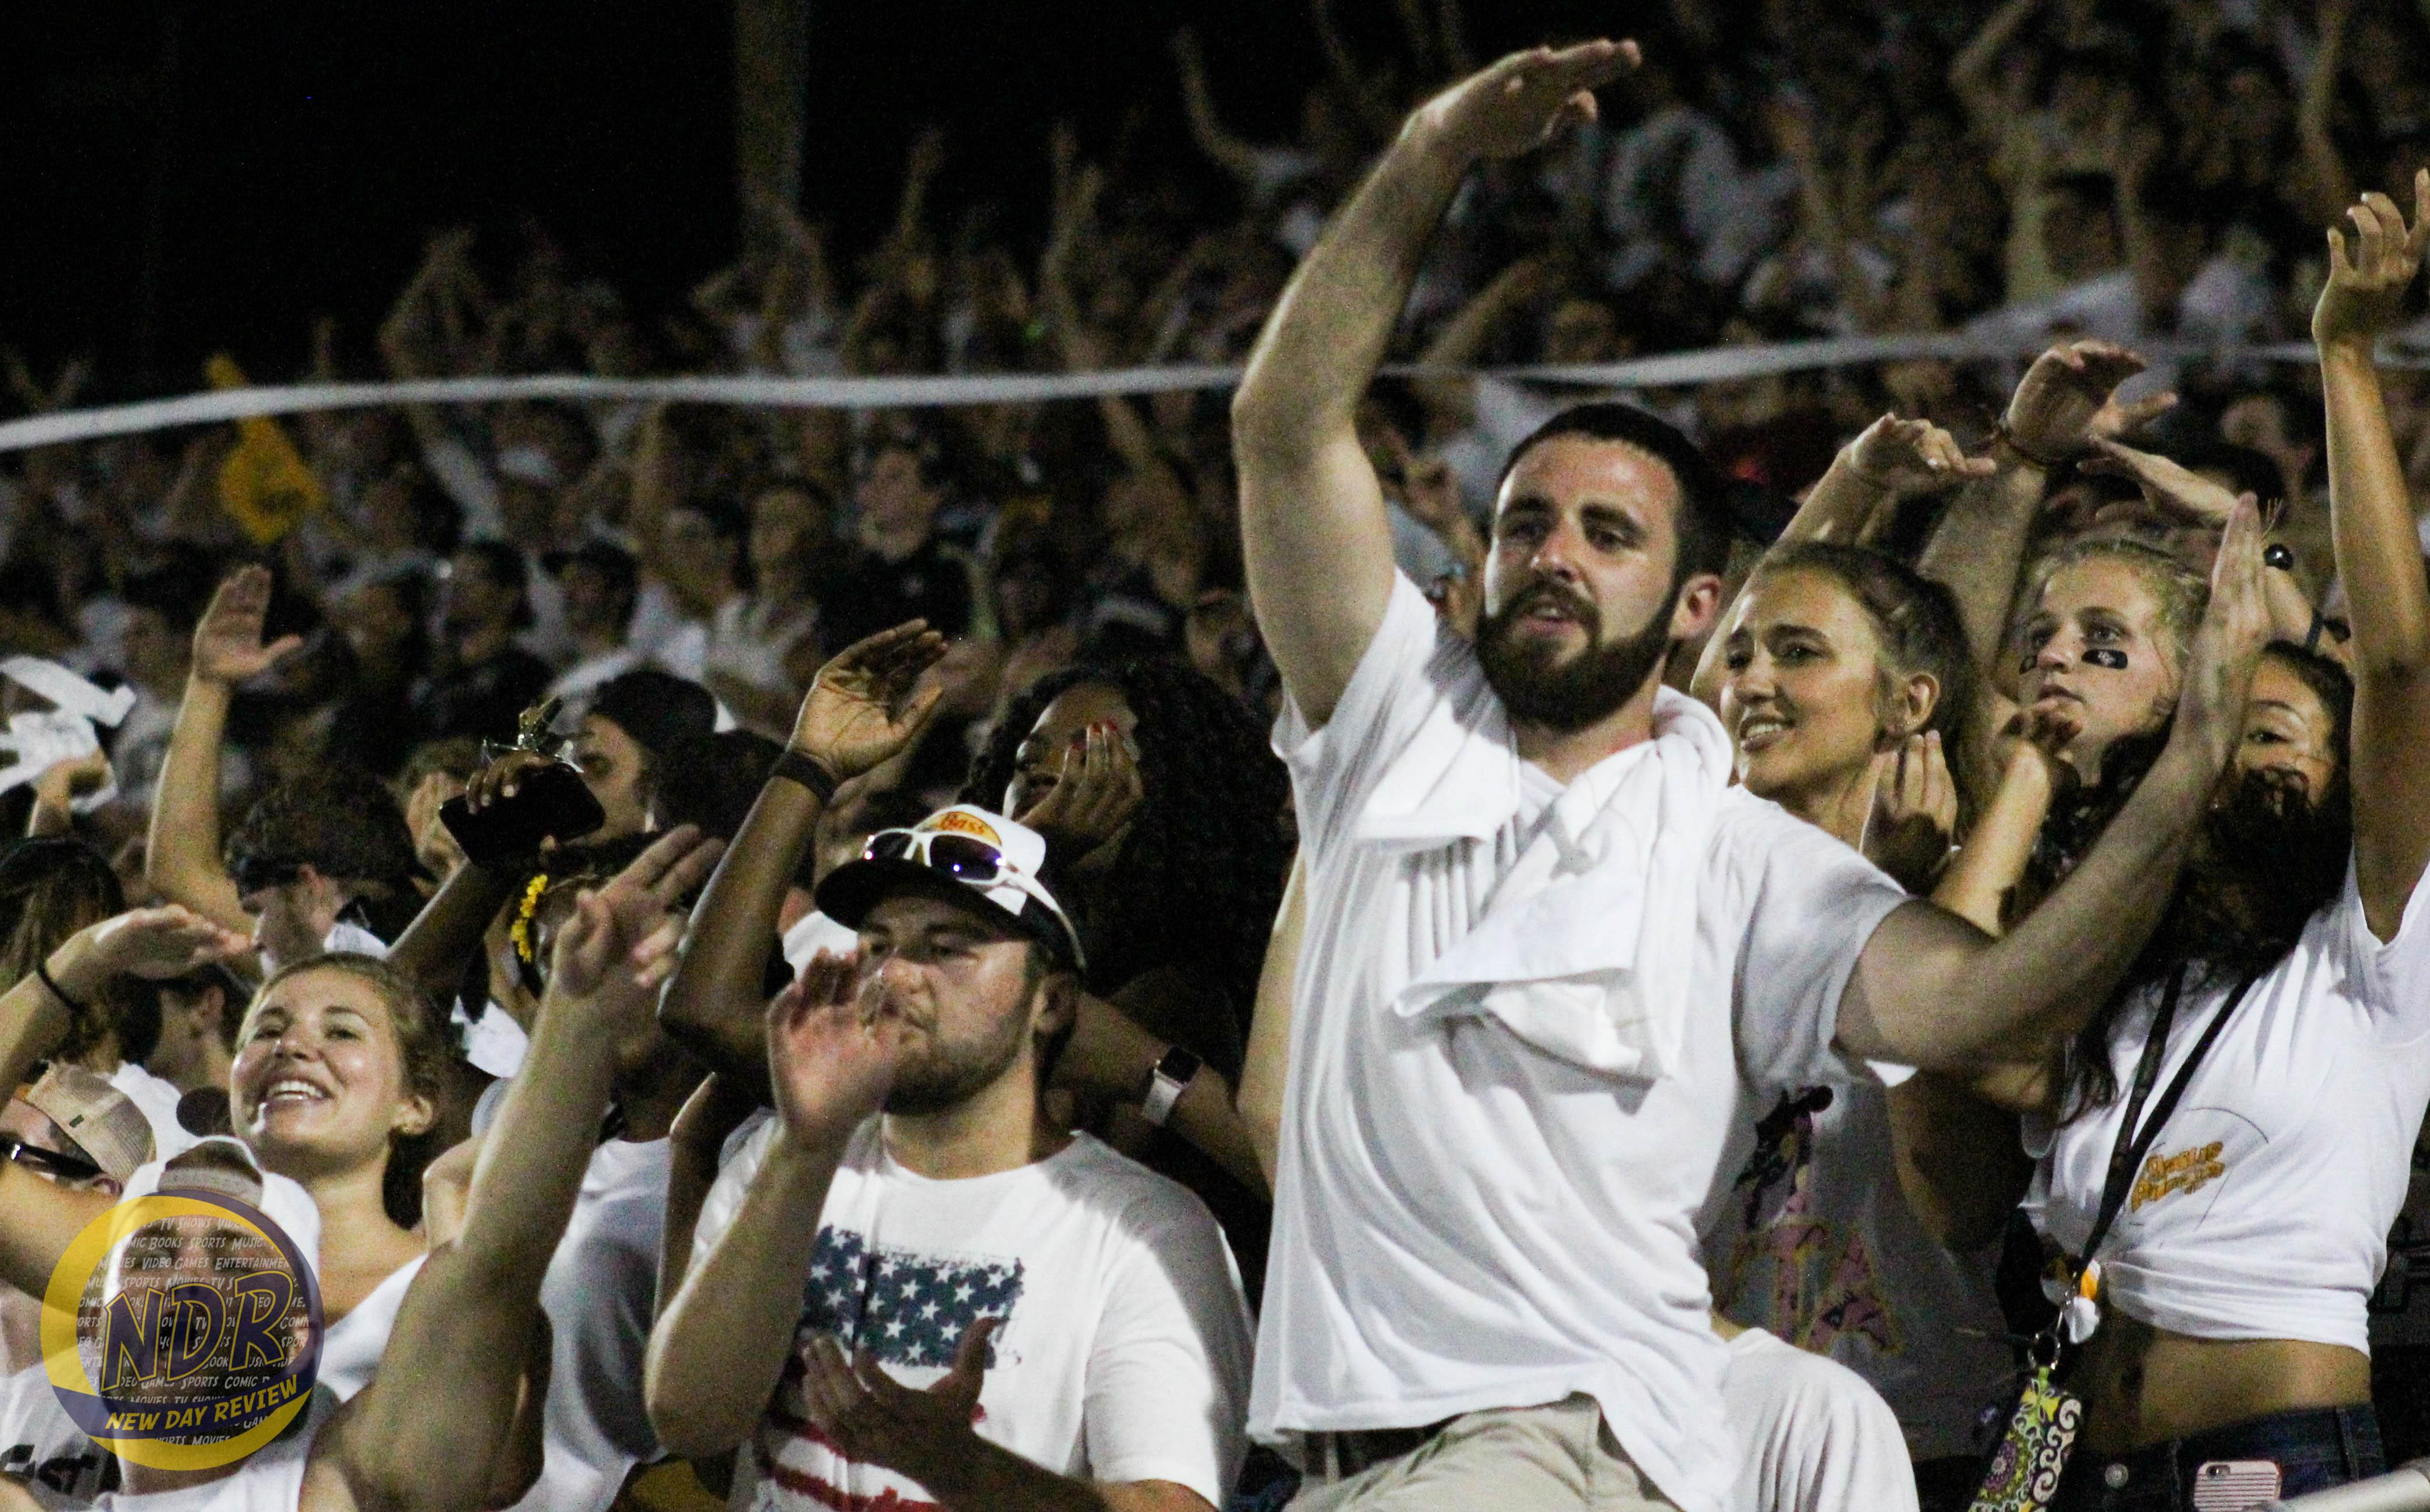 Fans 5